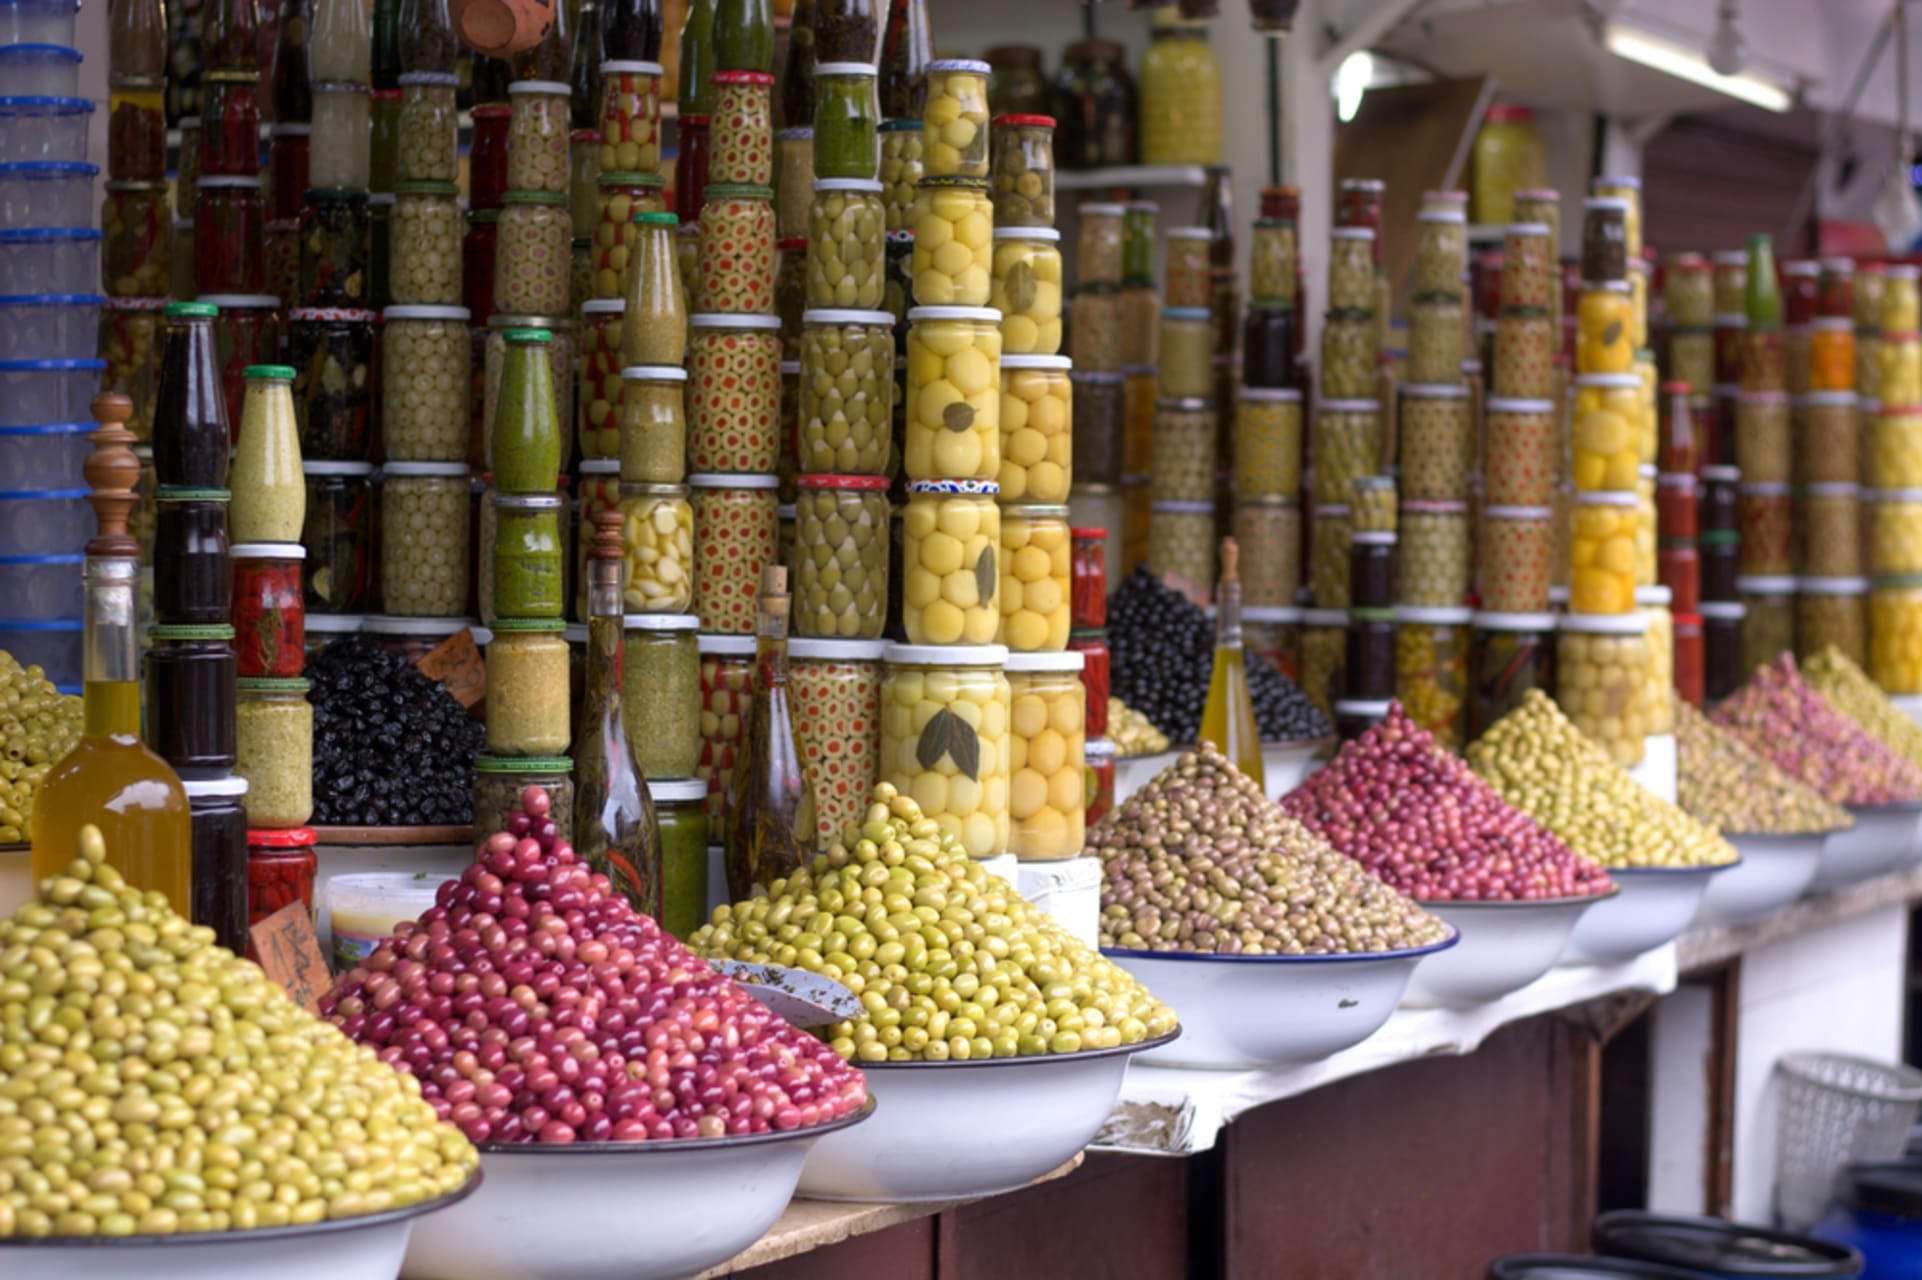 Haifa - Talpiot Market: the heart of the vibrant Haifa food scene